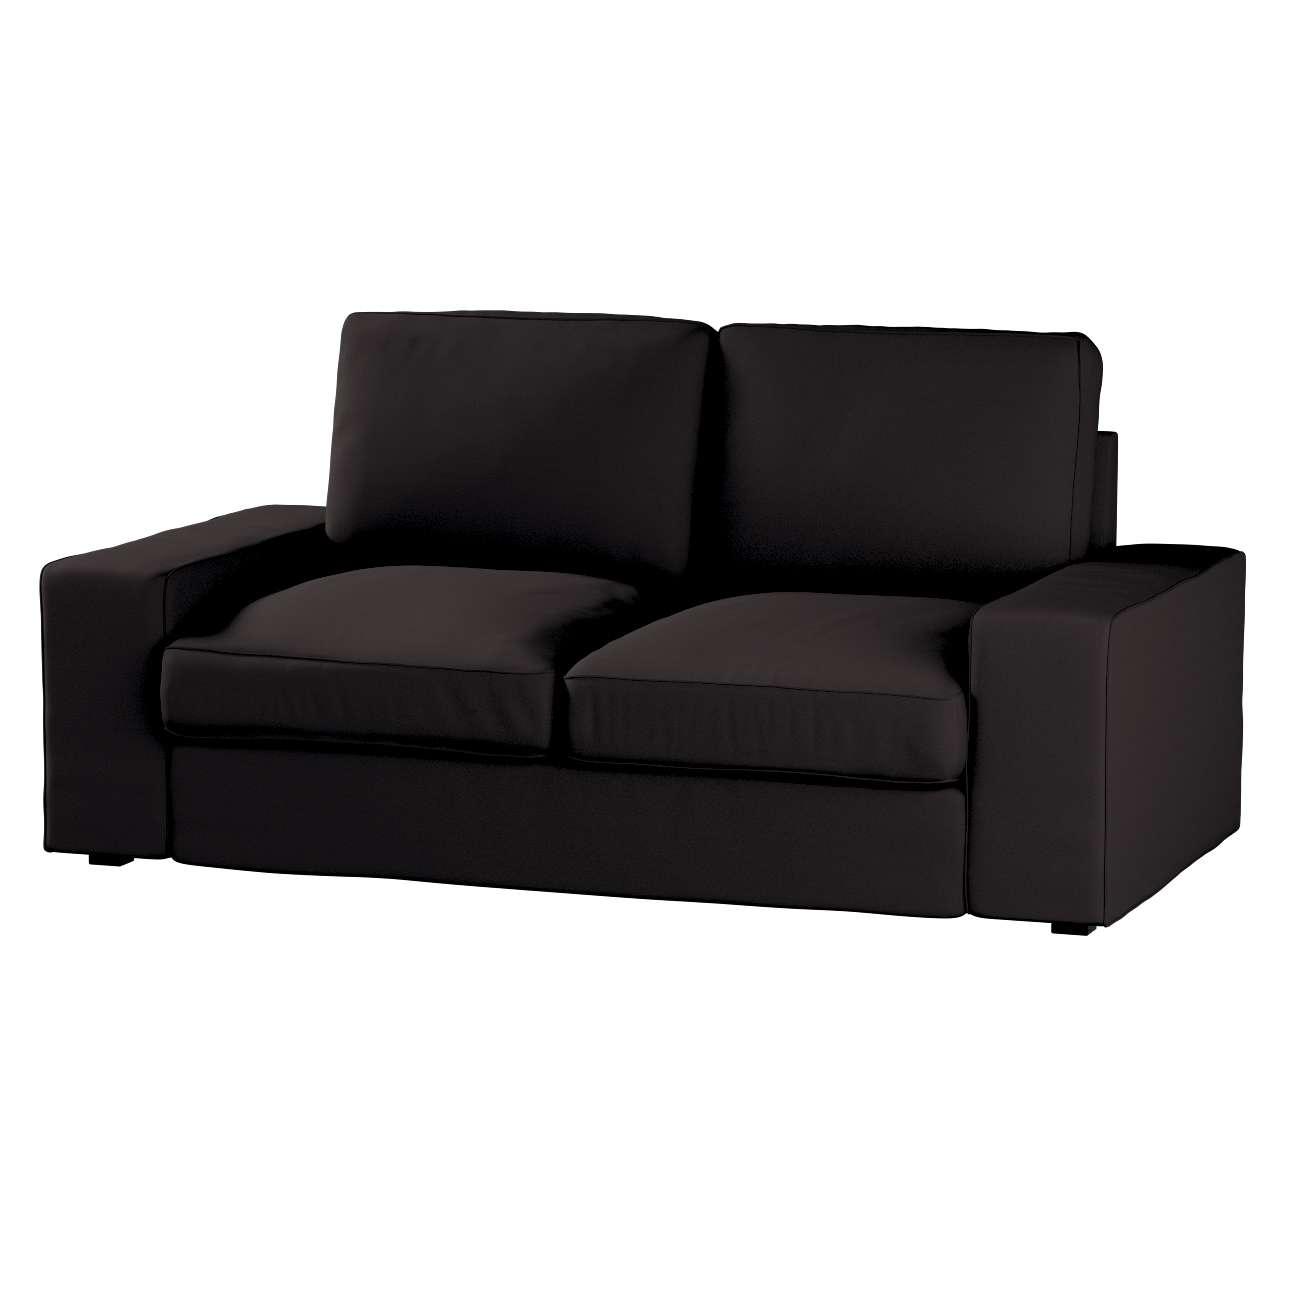 Pokrowiec na sofę Kivik 2-osobową, nierozkładaną Sofa Kivik 2-osobowa w kolekcji Cotton Panama, tkanina: 702-09